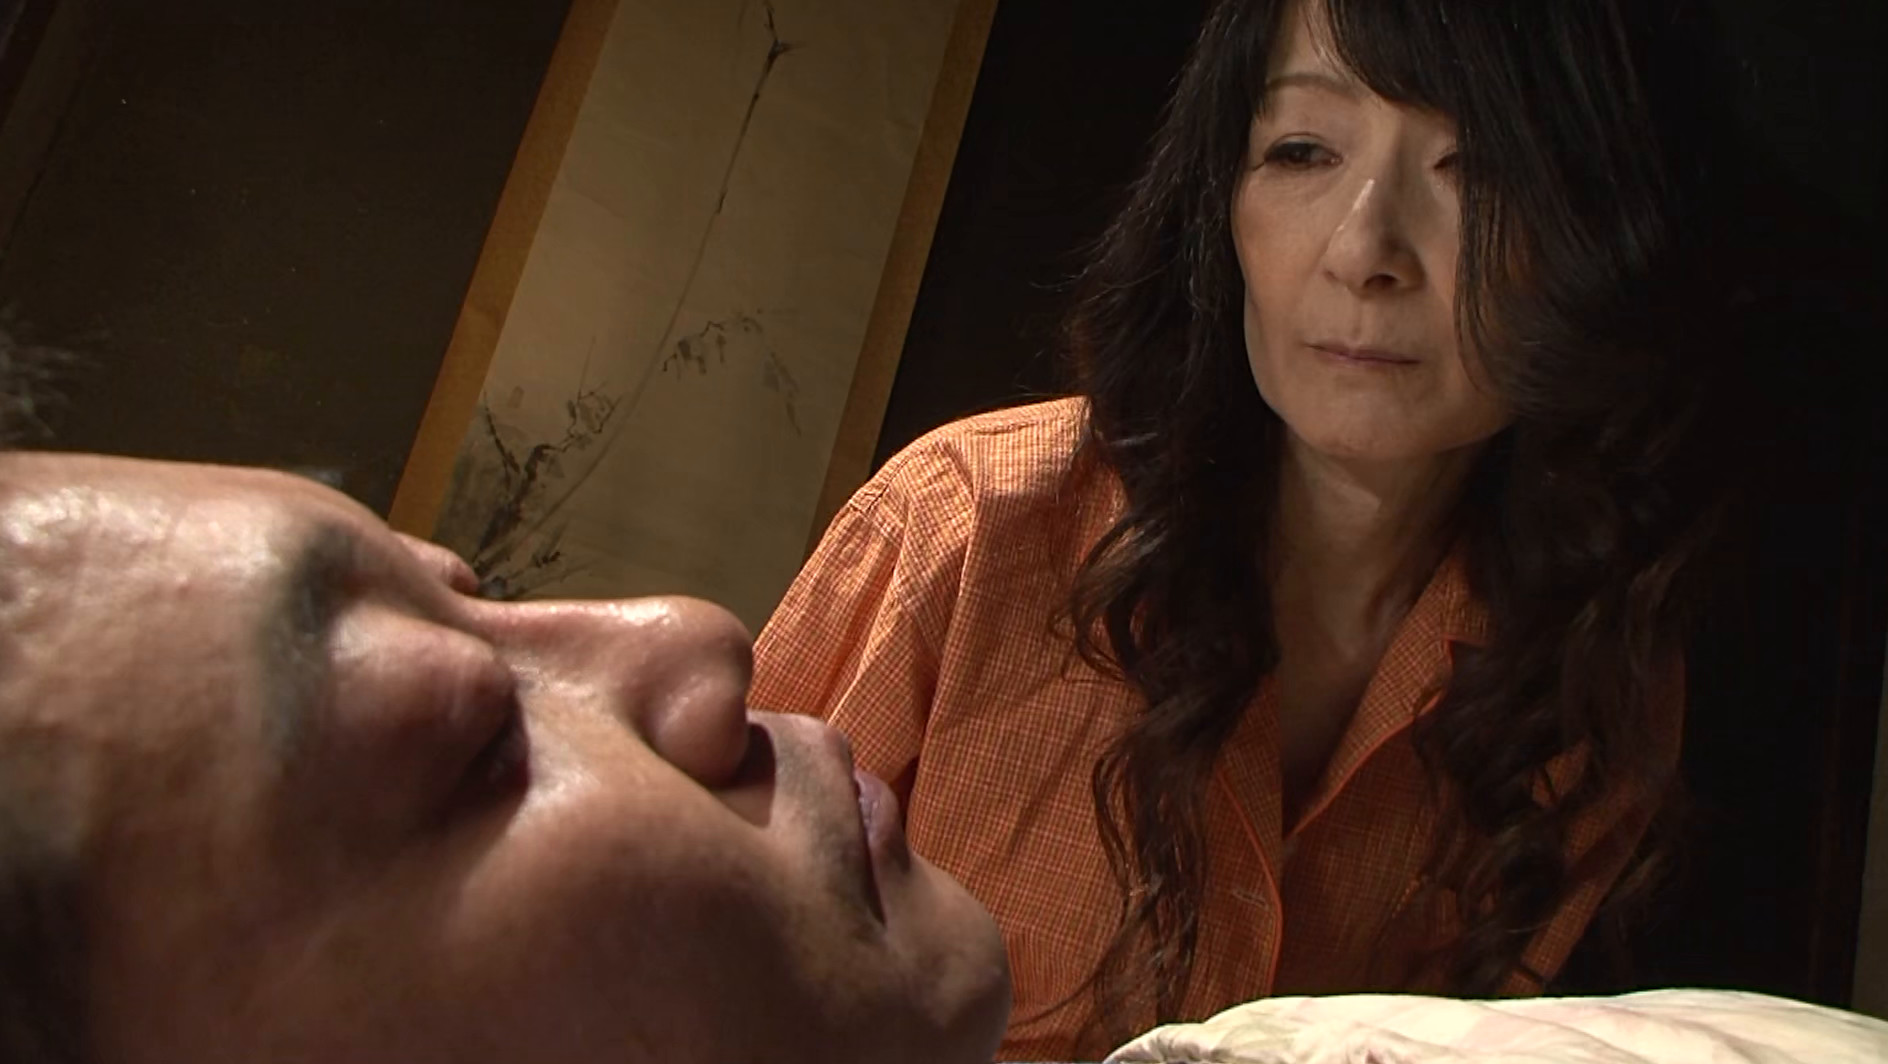 息子に夜這いし満たす五十路母 画像1